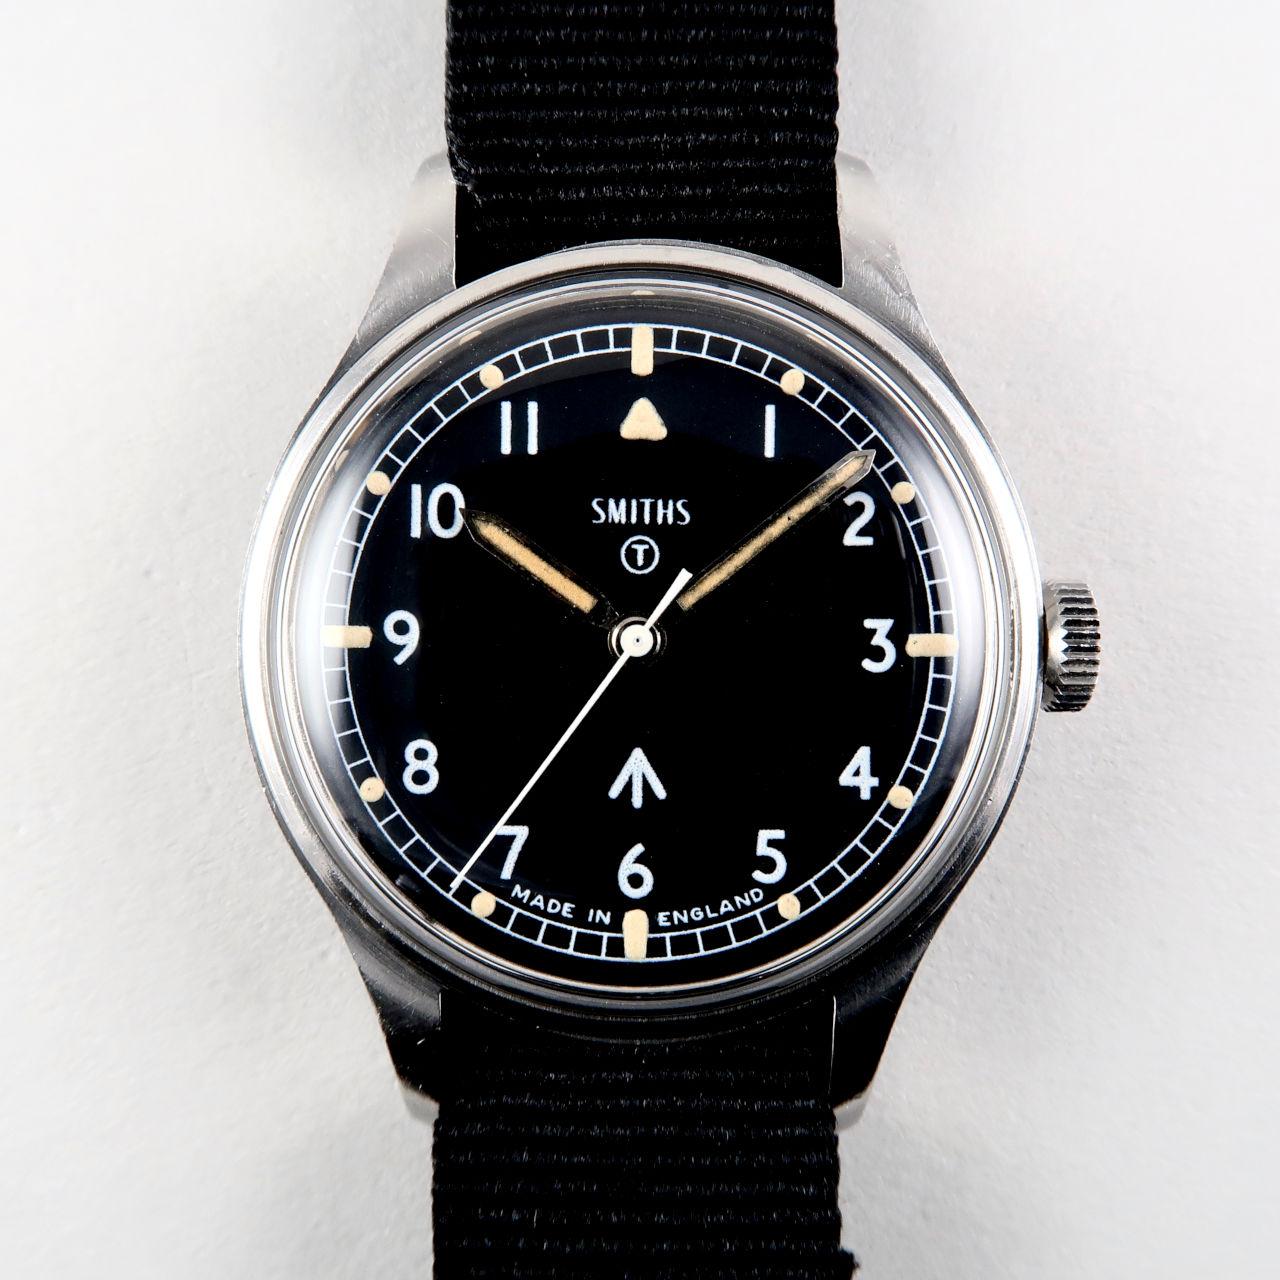 smiths-w10-military-dated-1969-steel-wysmb-v01